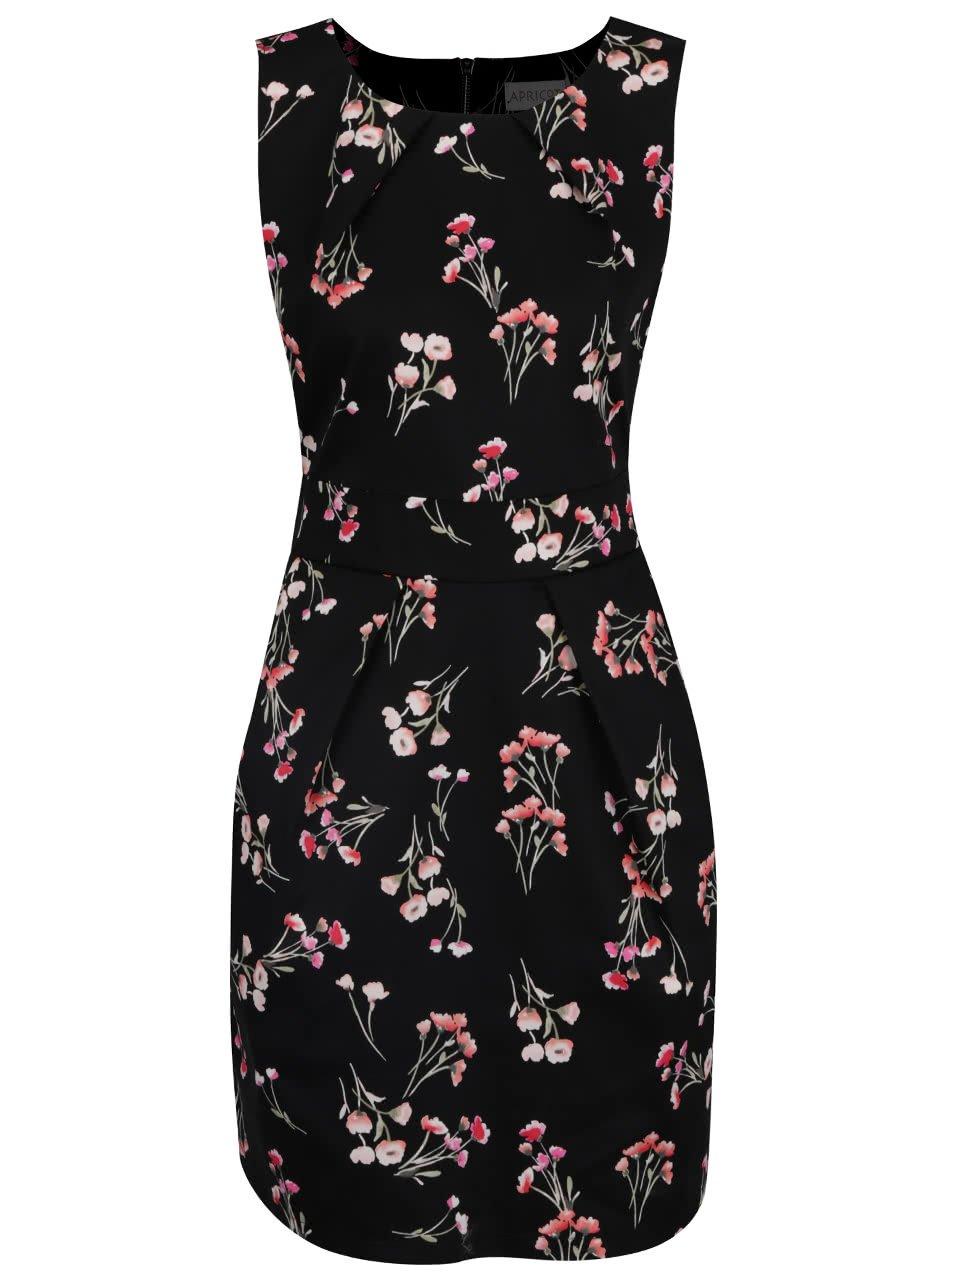 Černé květované šaty s kapsami a mašlí Apricot